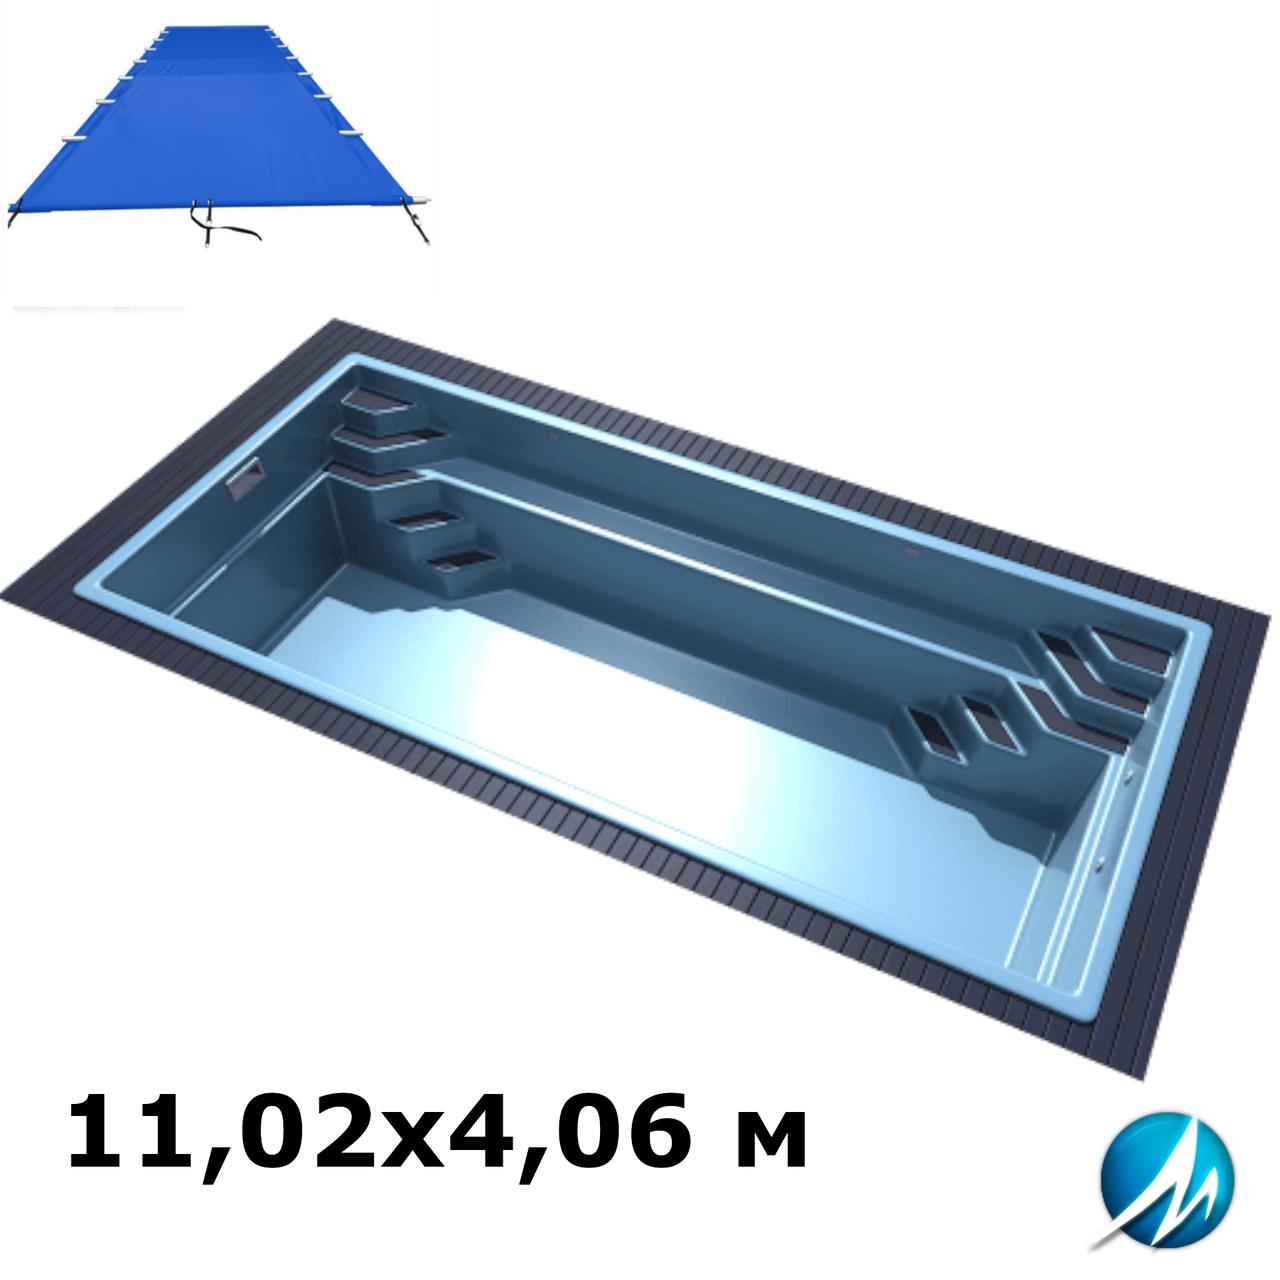 Поливиниловое накрытие для стекловолоконного бассейна 11,02х4,06 м